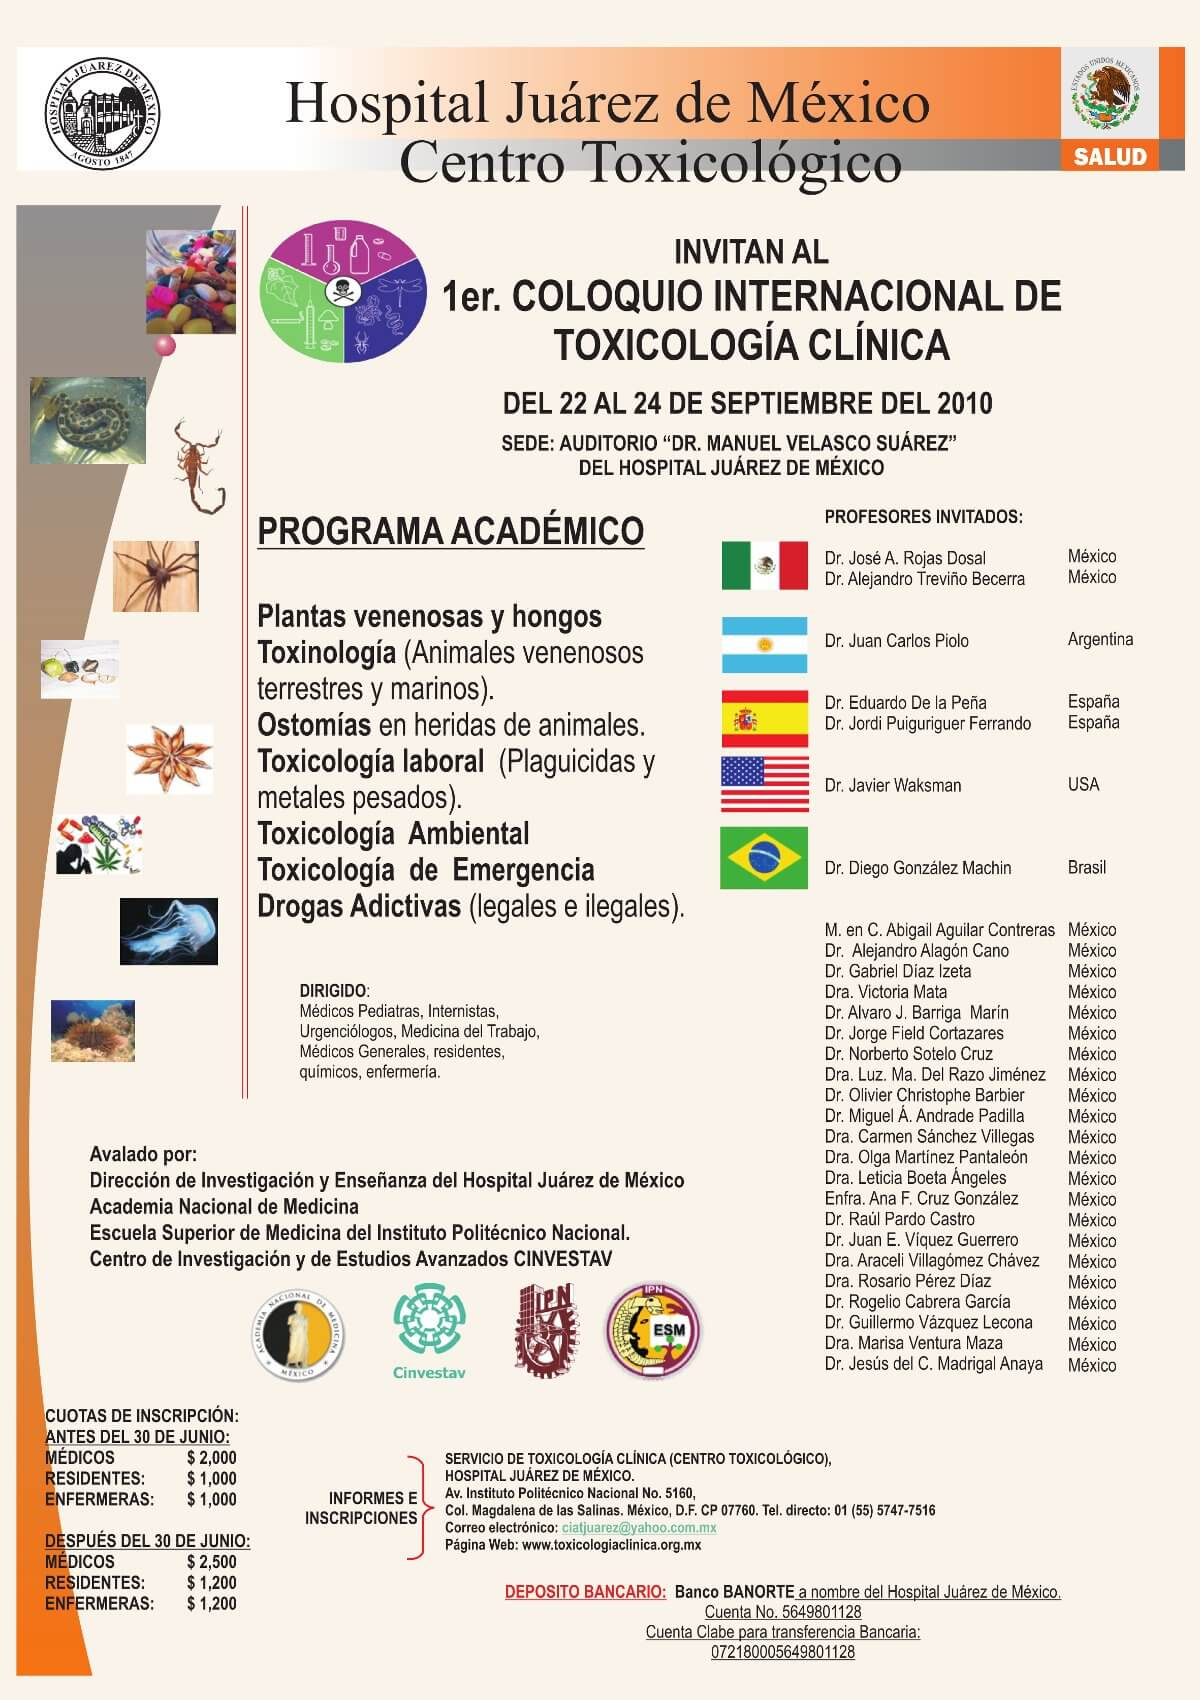 1er Coloquio Internacional de Toxicología Clínica